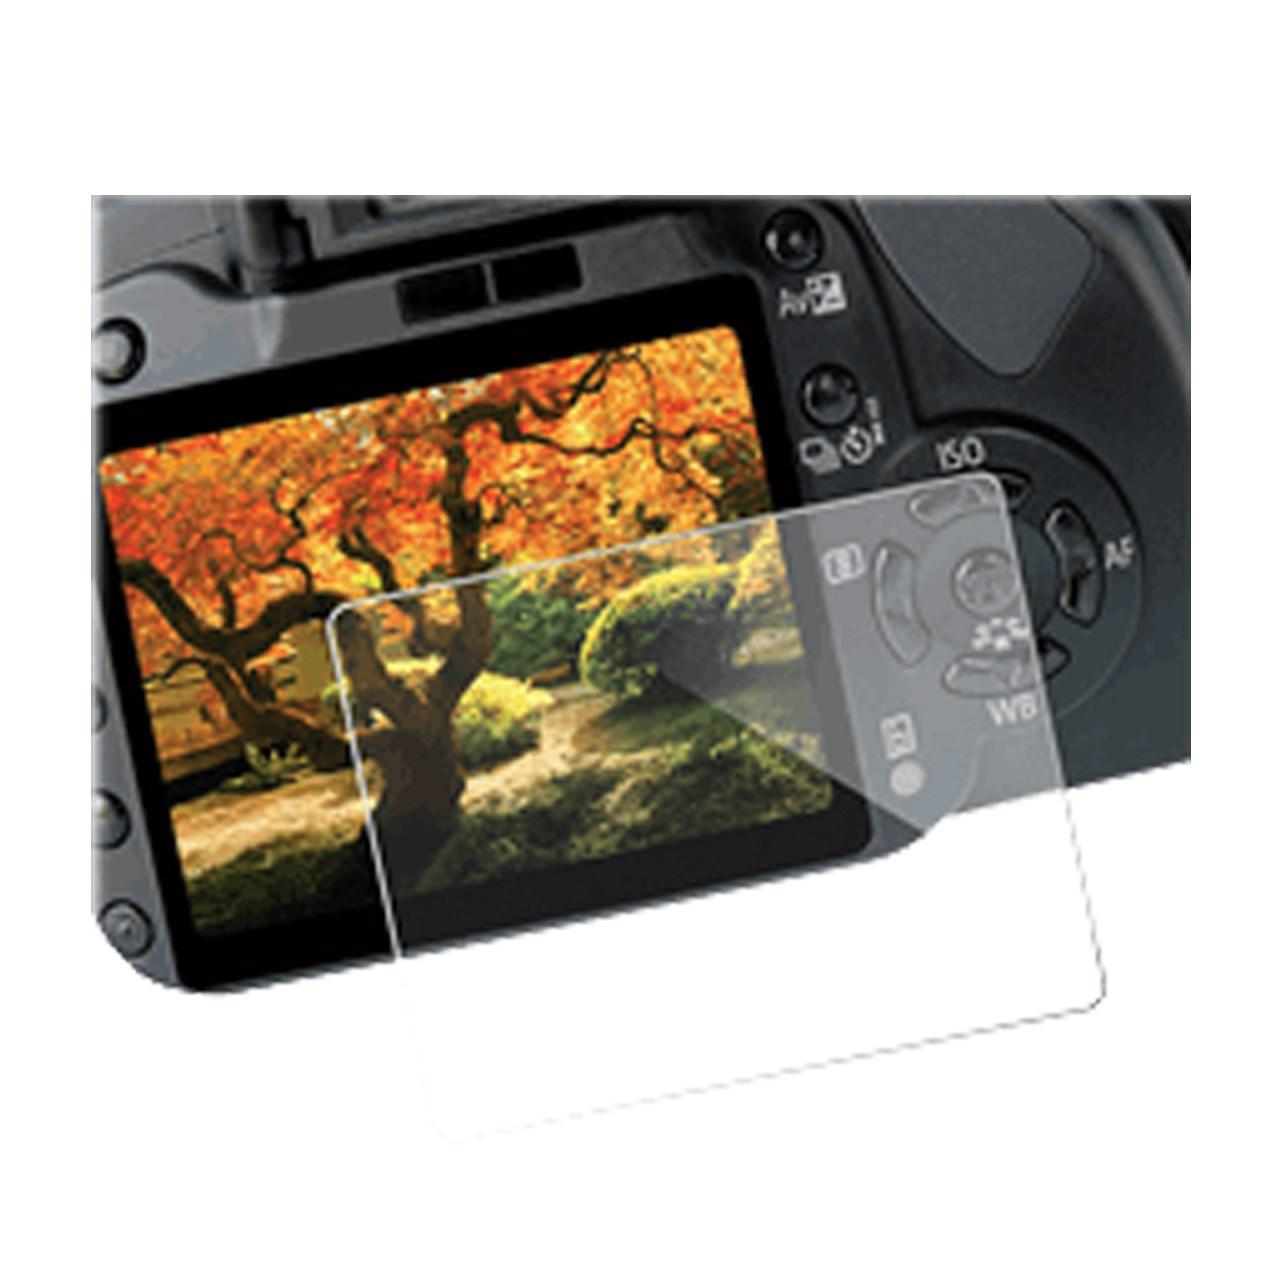 بررسی و {خرید با تخفیف} محافظ صفحه نمایش طلقی دوربین مناسب برای نیکون D7200 D7100 اصل